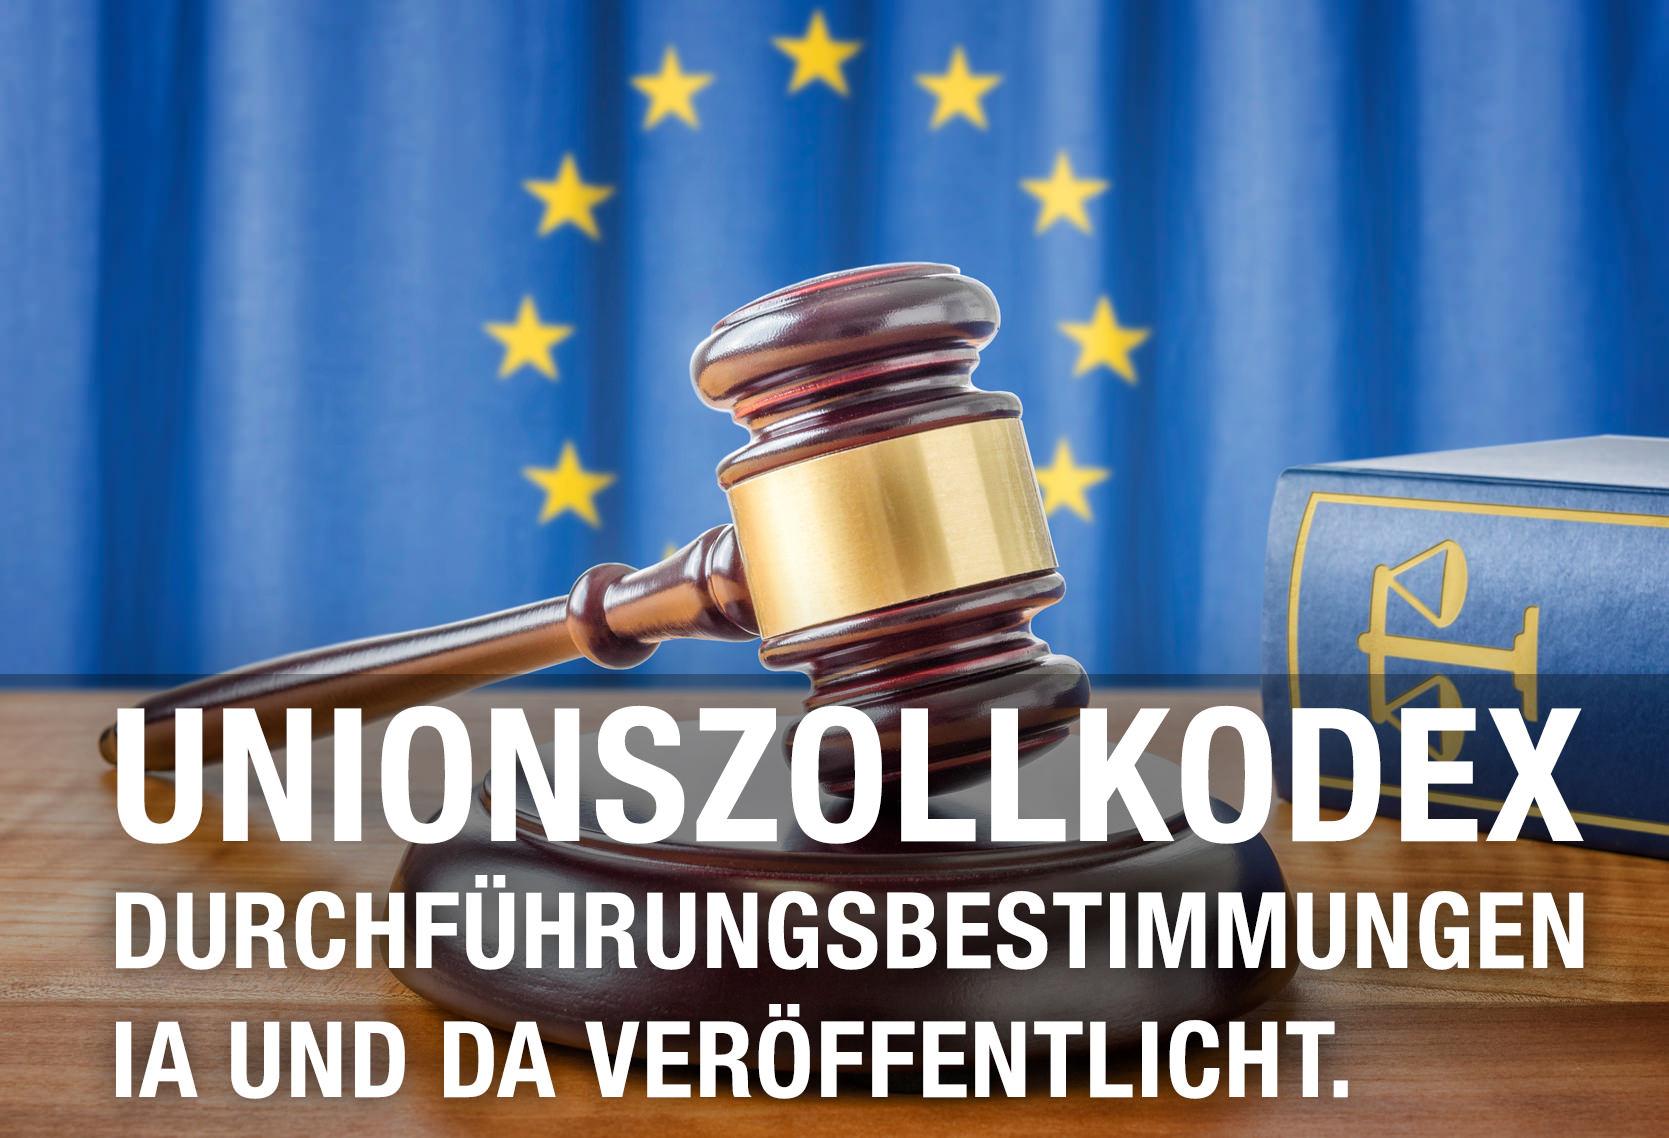 Die UZK Durchführungsbestimmungen wurden veröffentlicht. TDA steht noch aus.